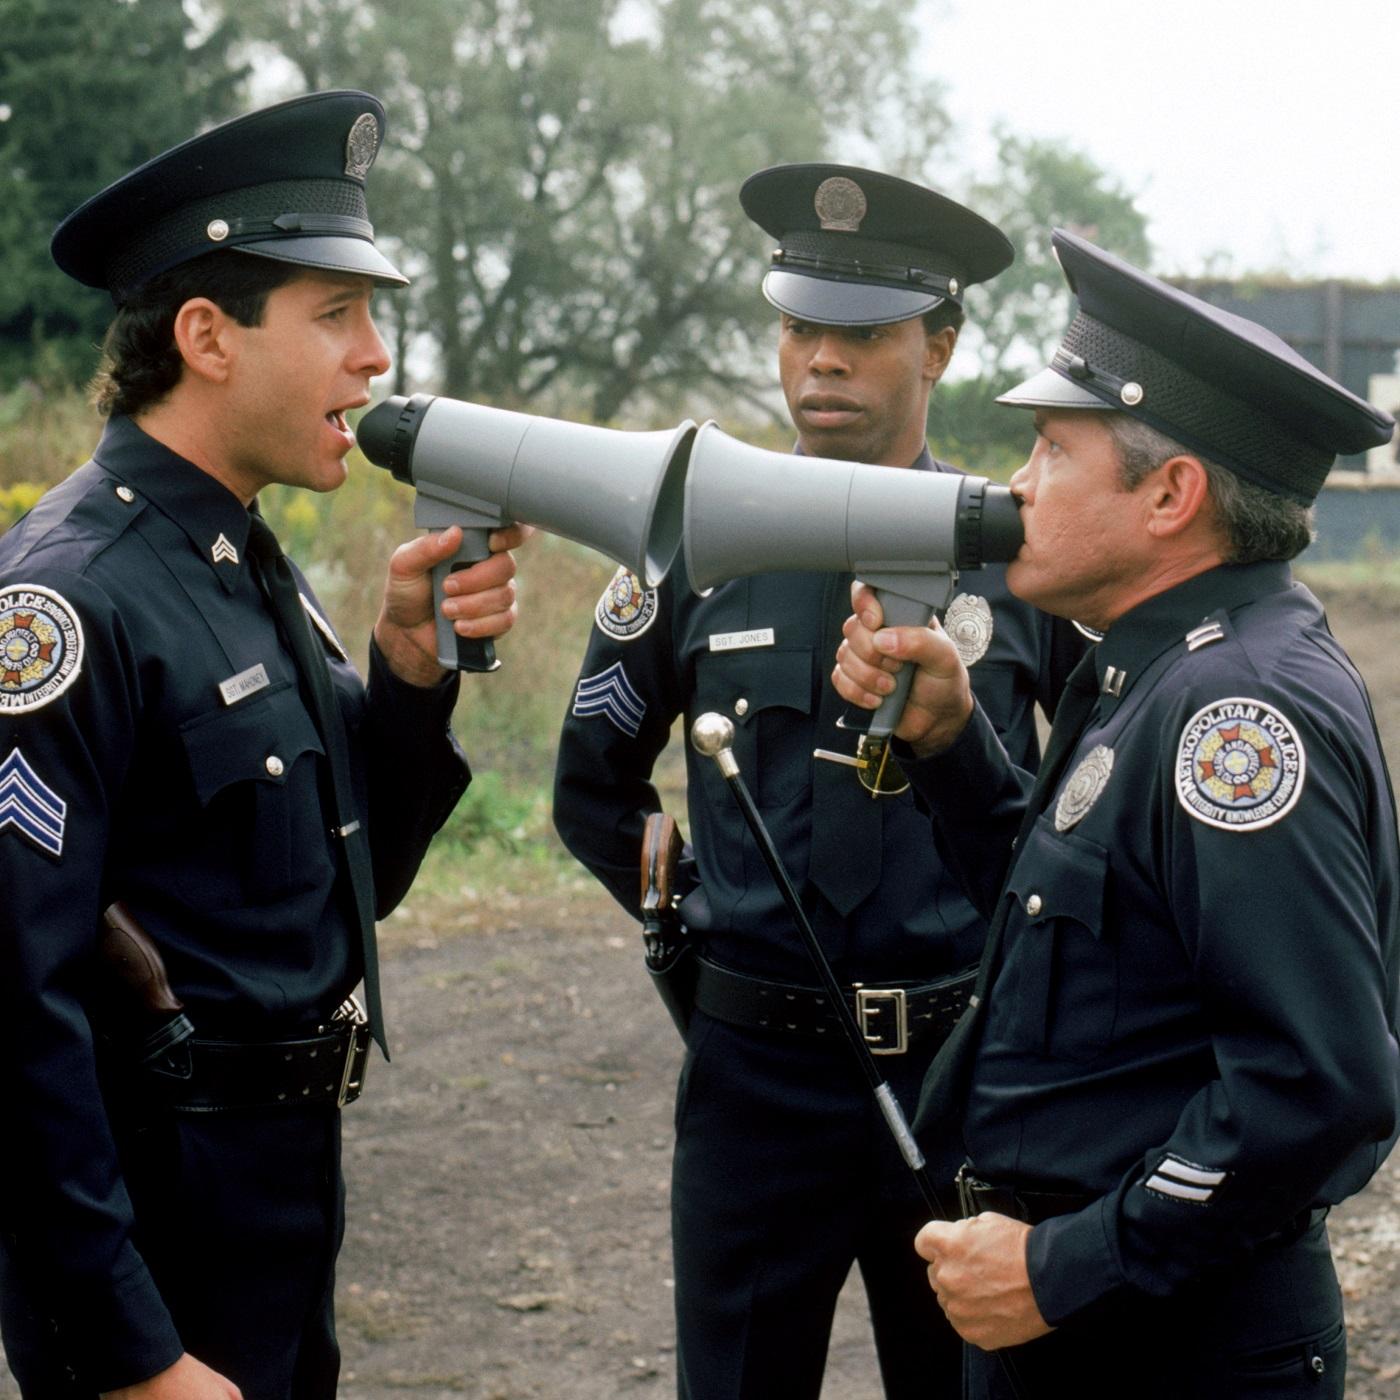 Policial Criatura Indefensável